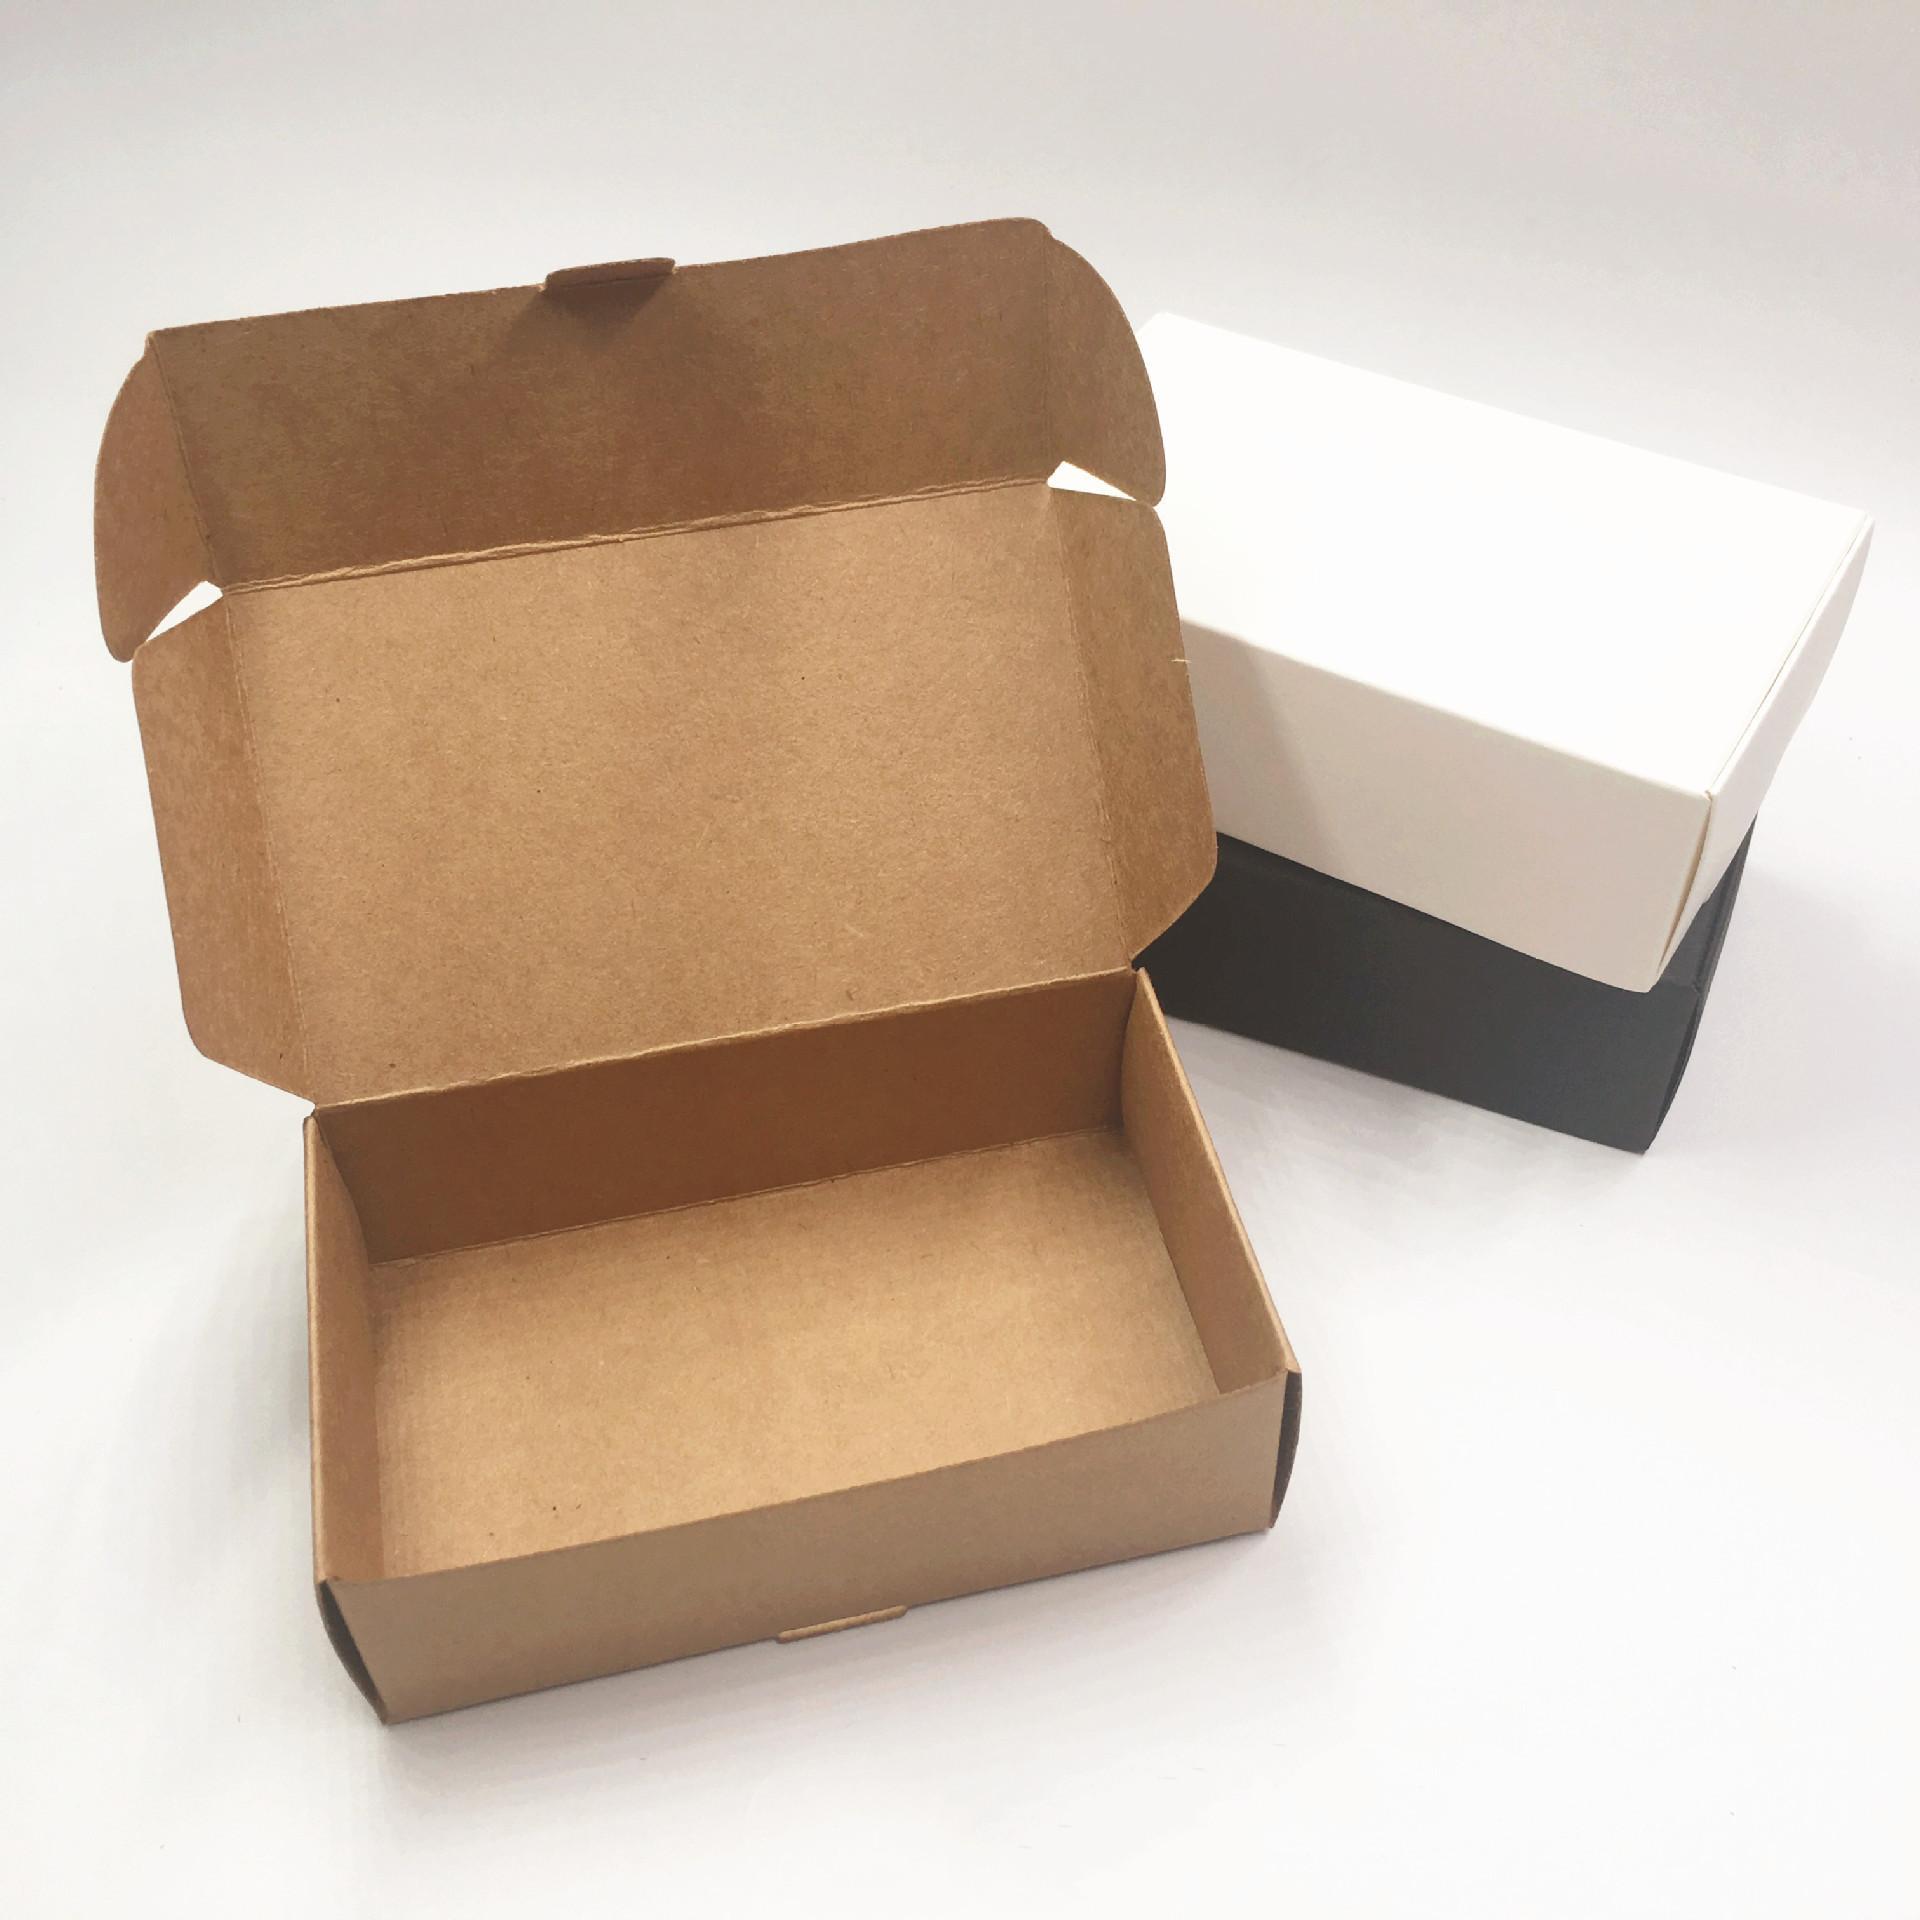 50 unids / lote Black Carton Kraft Paper Tab -lock Blanco Blanco Regalo de boda caja de embalaje Boda Candy Box Party Favorece cajas de jabón